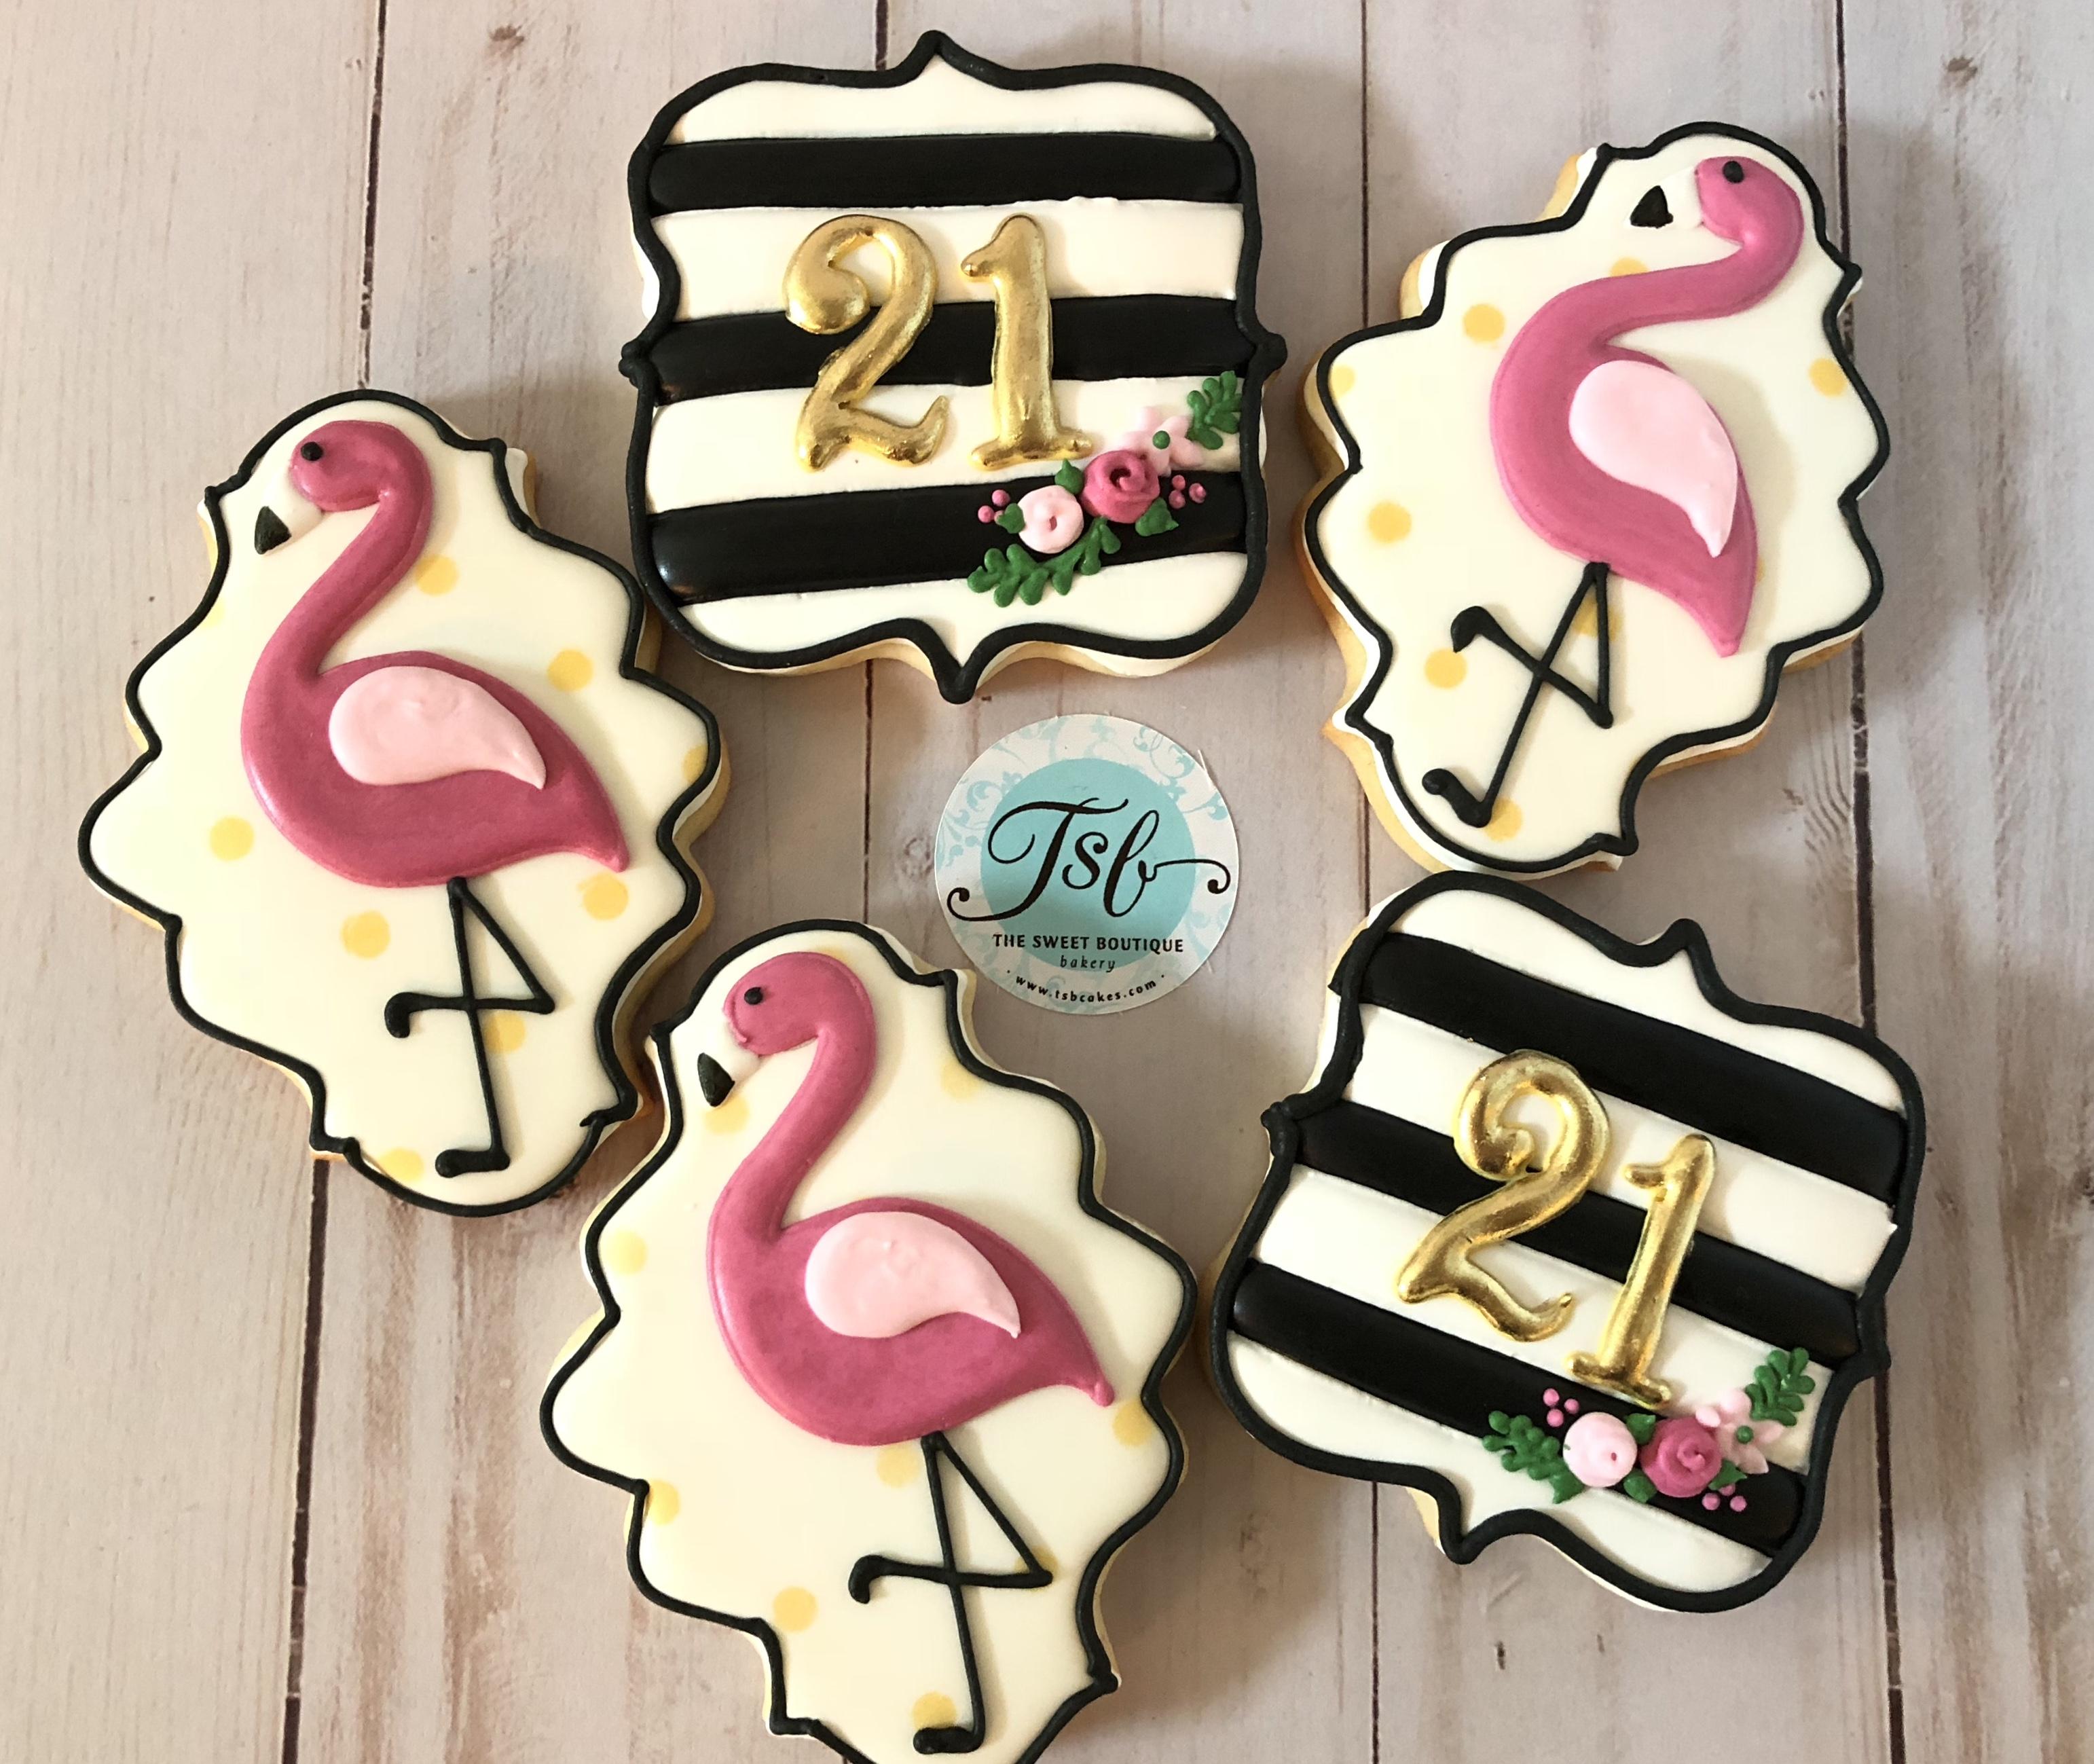 Flamingo 21st birthday cookies